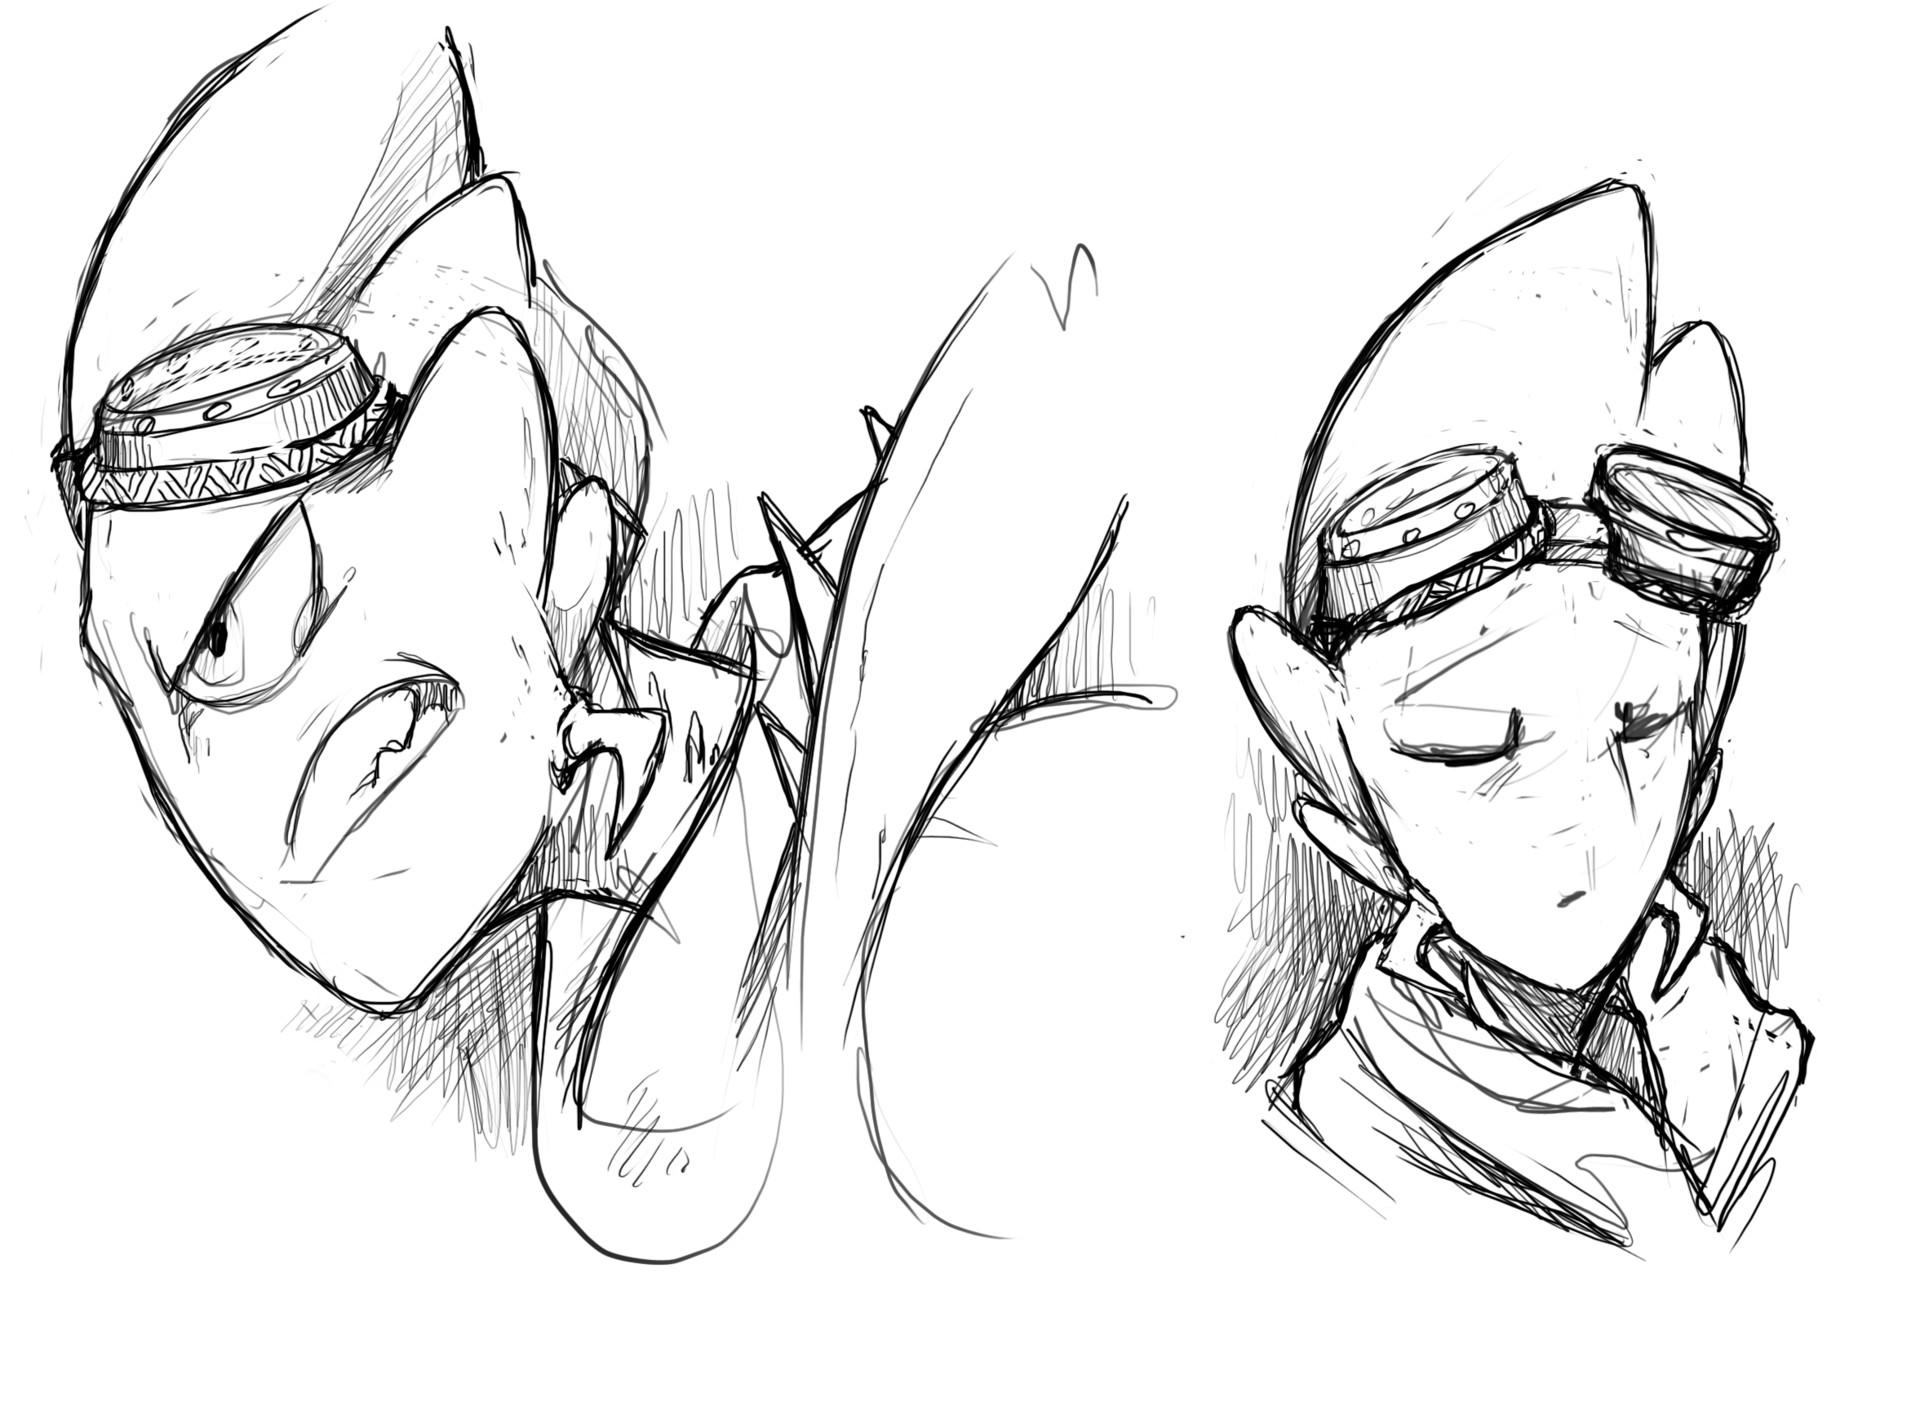 Marie razny marie razny tari sketches by kina axian d9qfz85